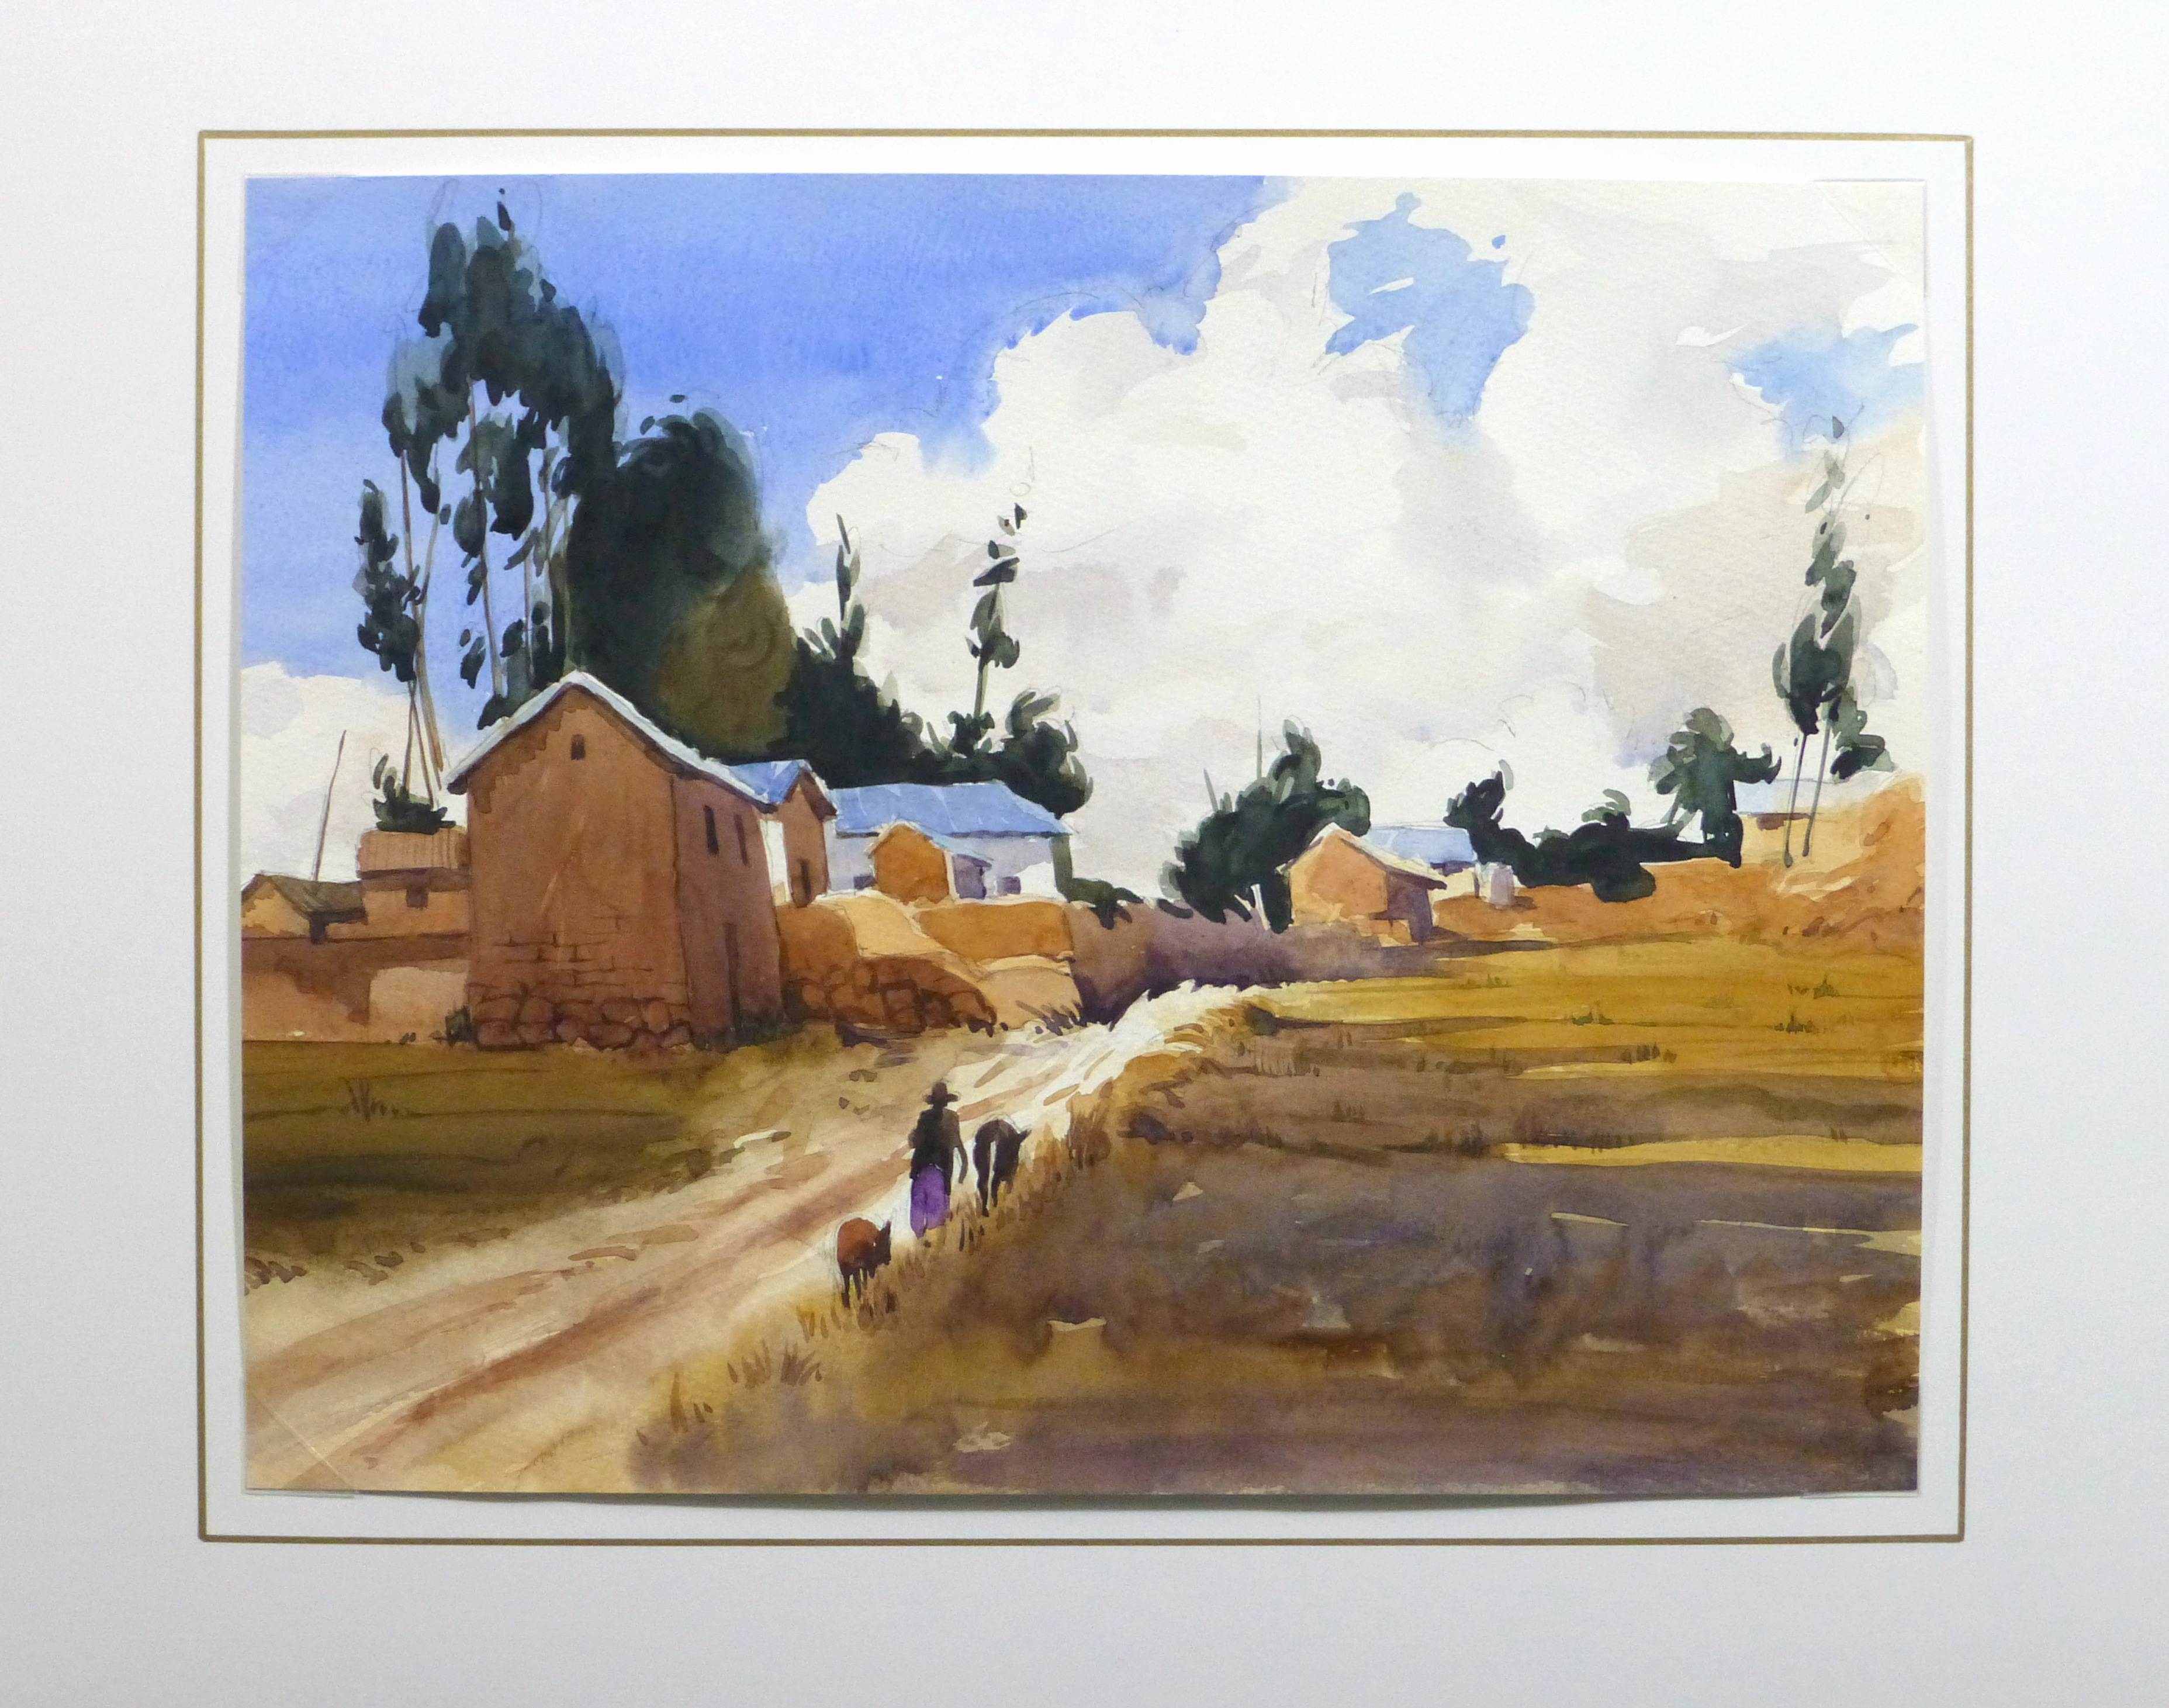 Watercolor Landscape - Rural Village, 2011-matted-10532M